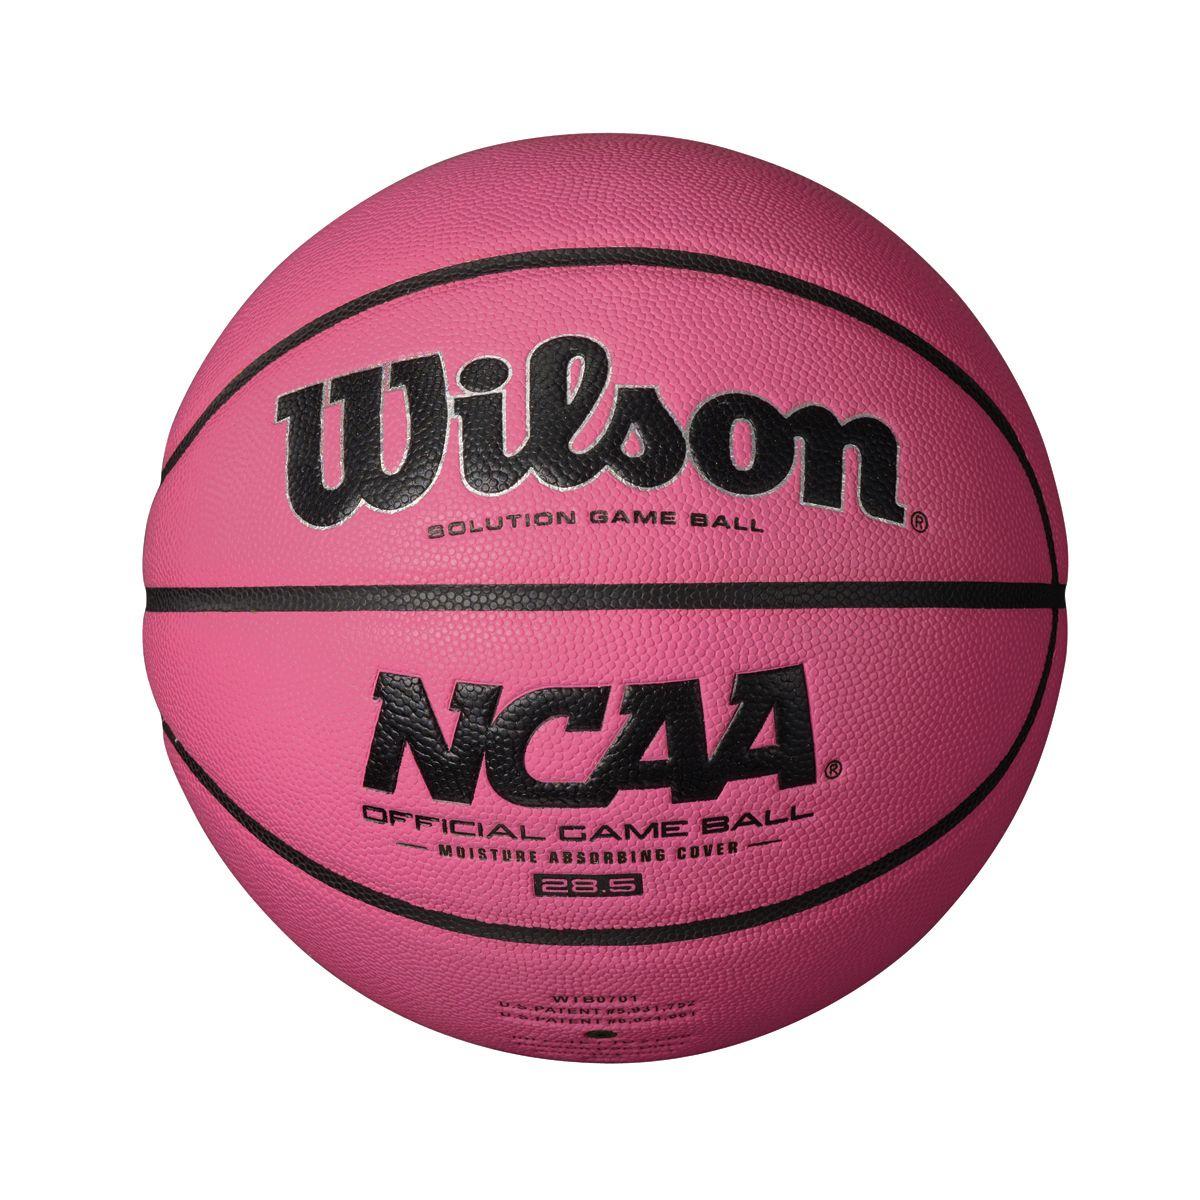 8a3ded2478e Wilson Basketball - Basketballs